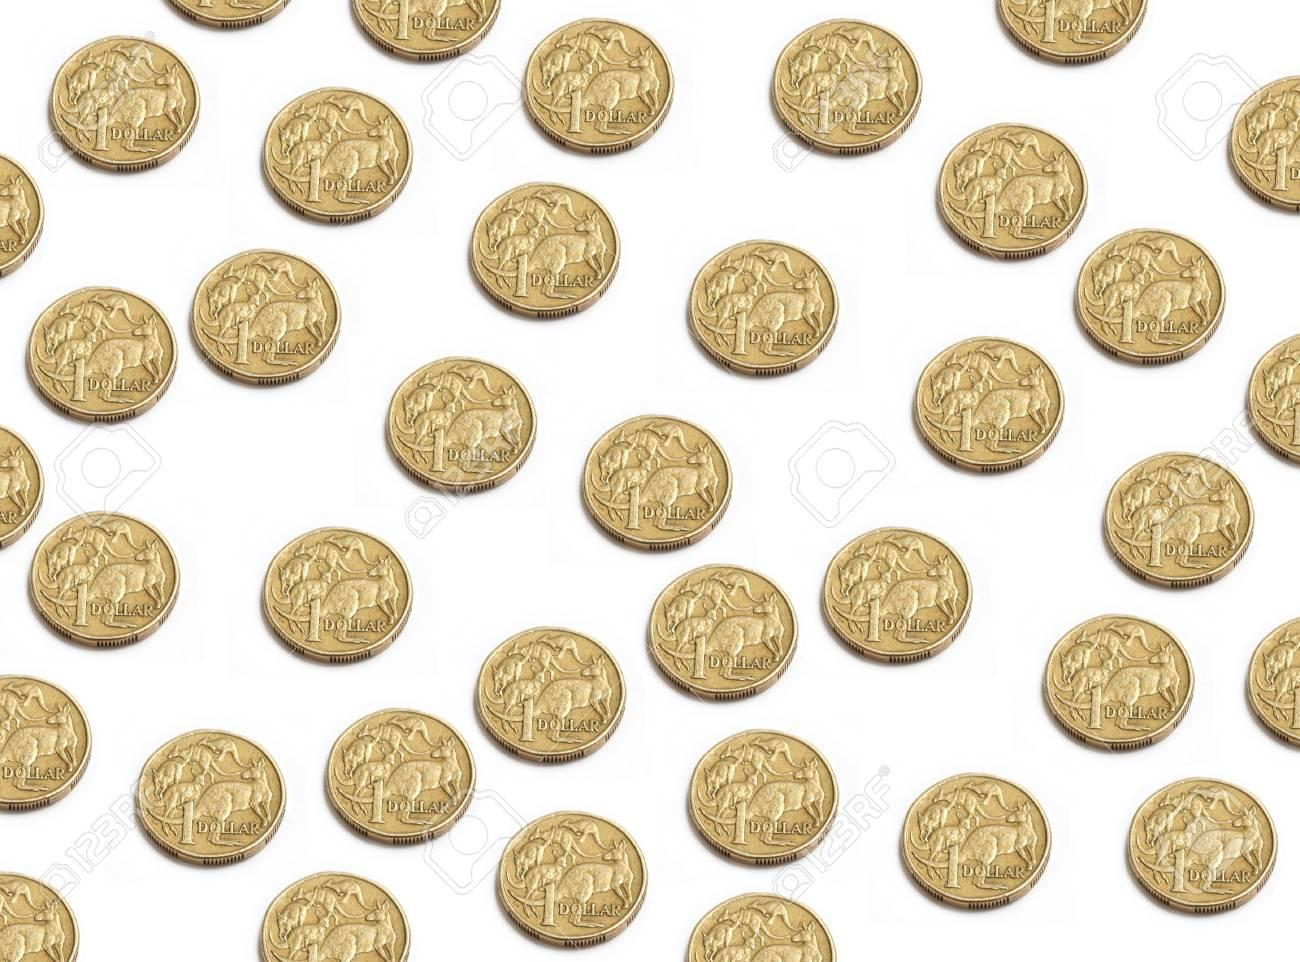 Australischer Dollar Münzen Zufällig Auf Weißem Platziert Isoliert